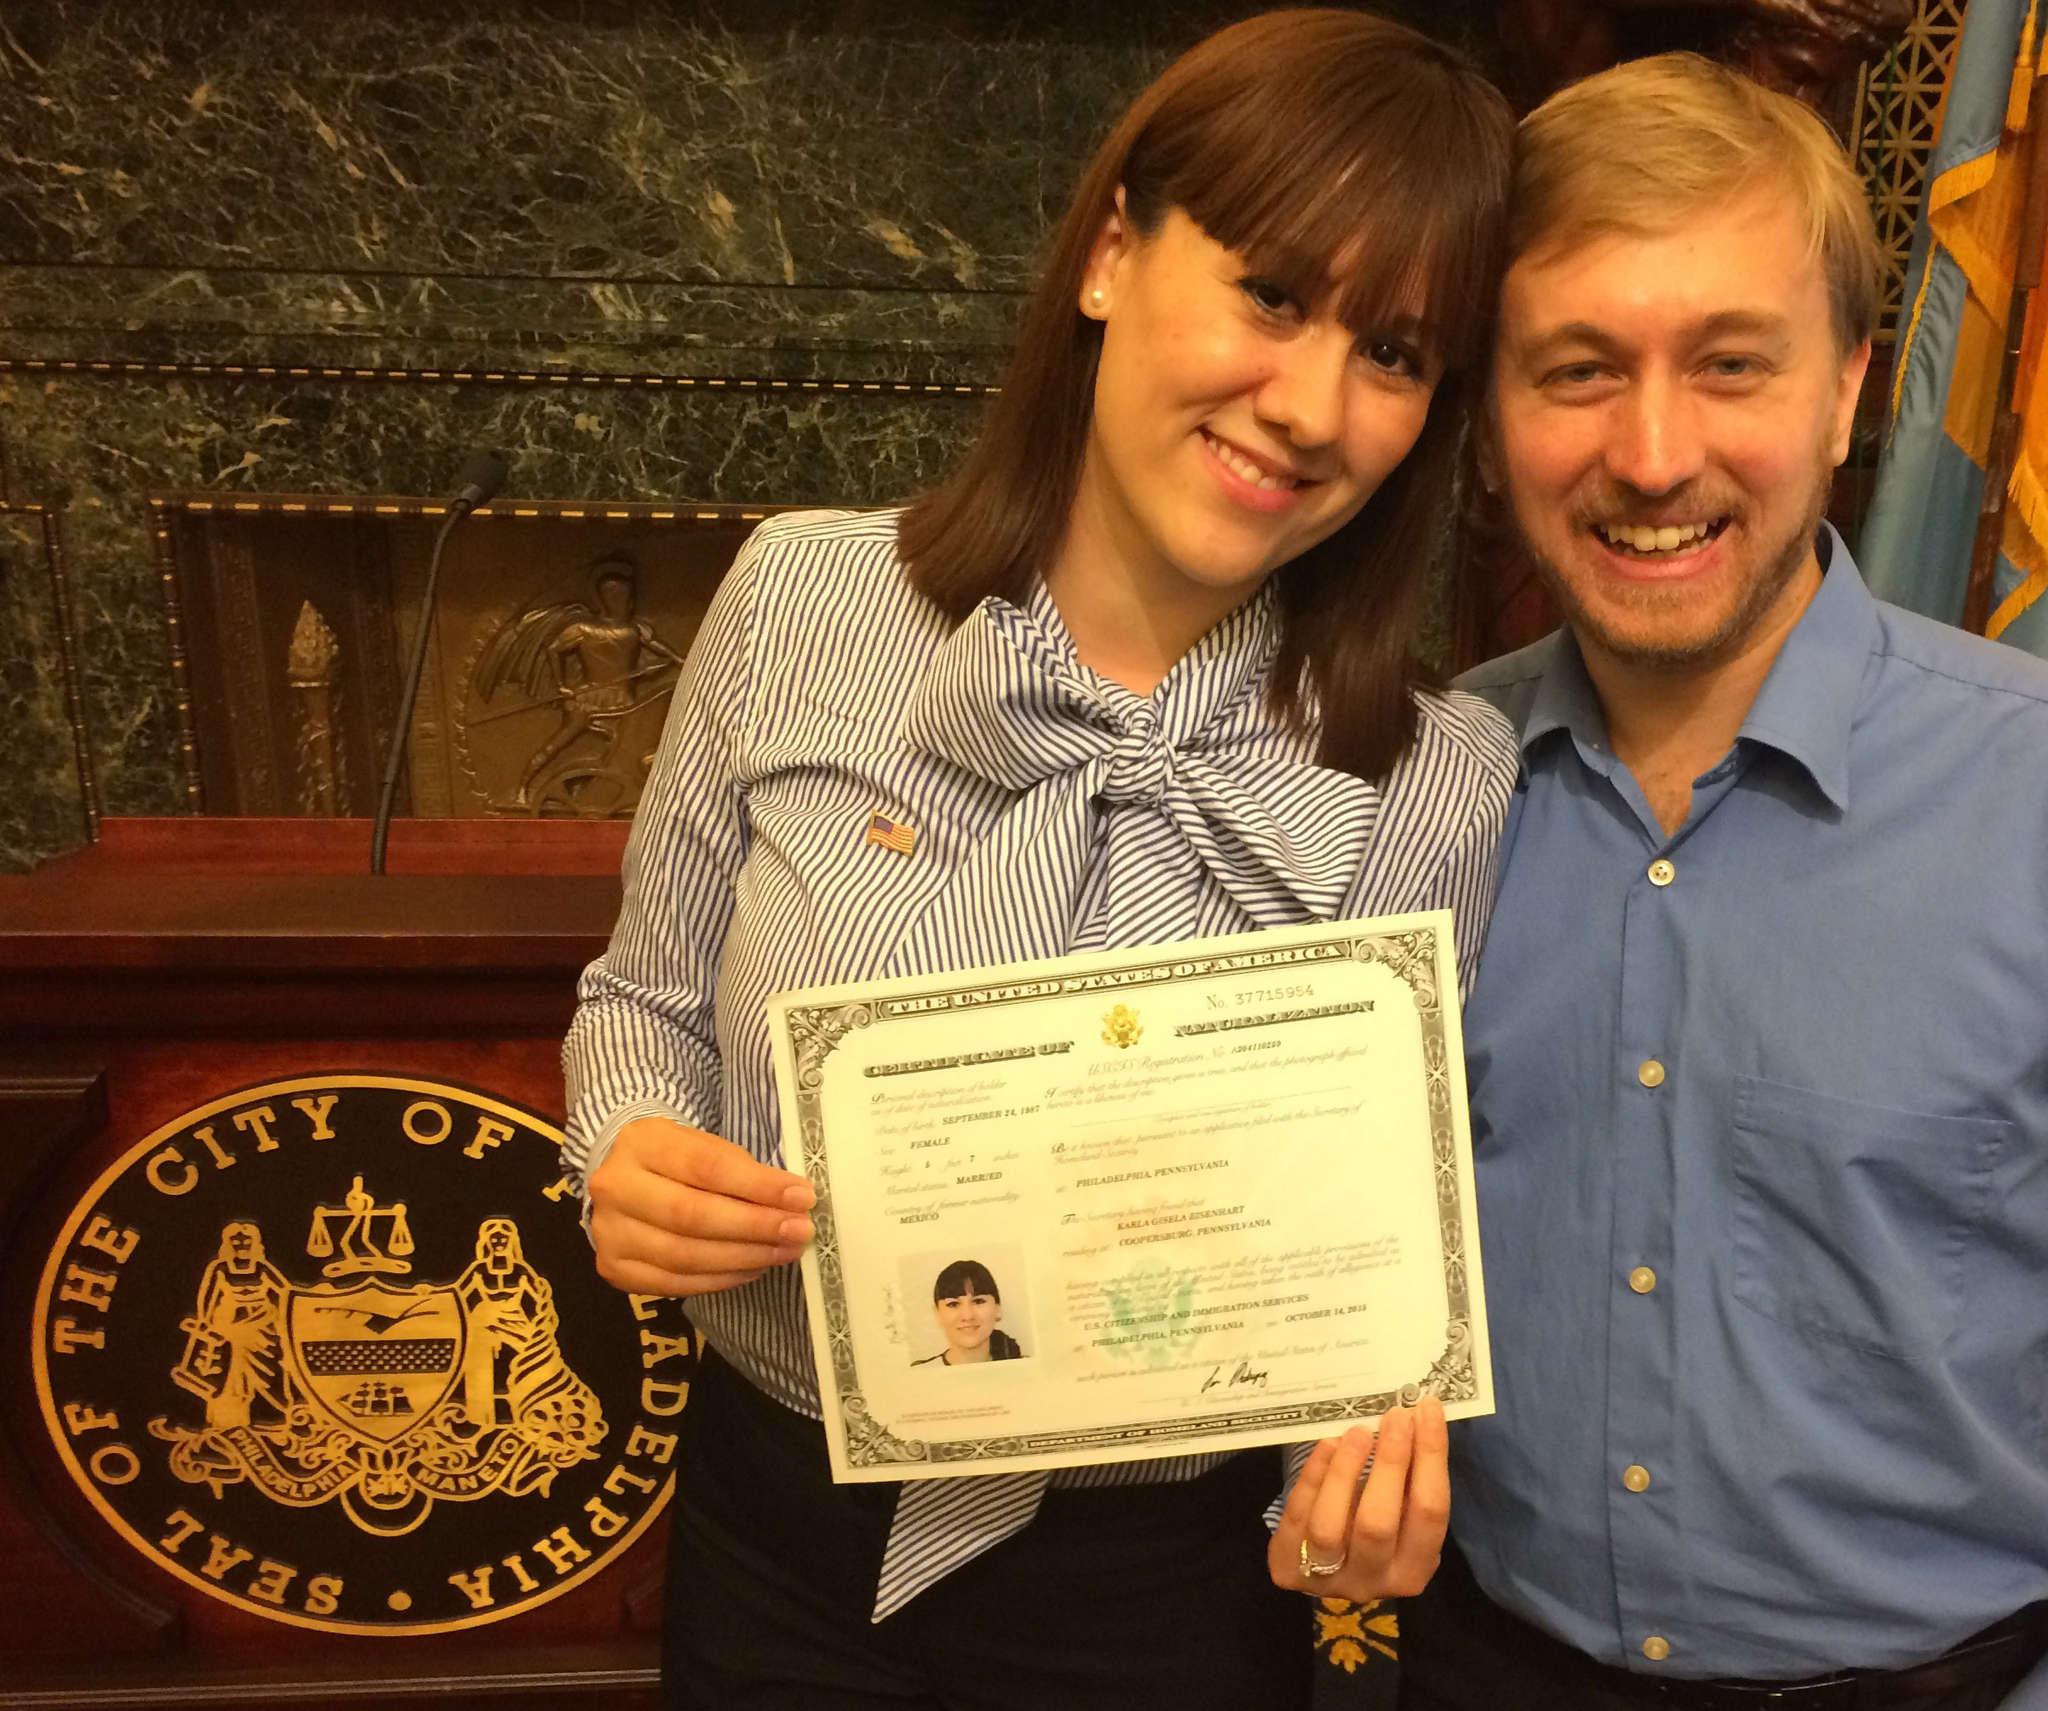 STU BYKOFSKY / DAILY NEWS STAFF Karla Marquez Eisenhart shows citizenship certificate alongside her husband, Michael Eisenhart.